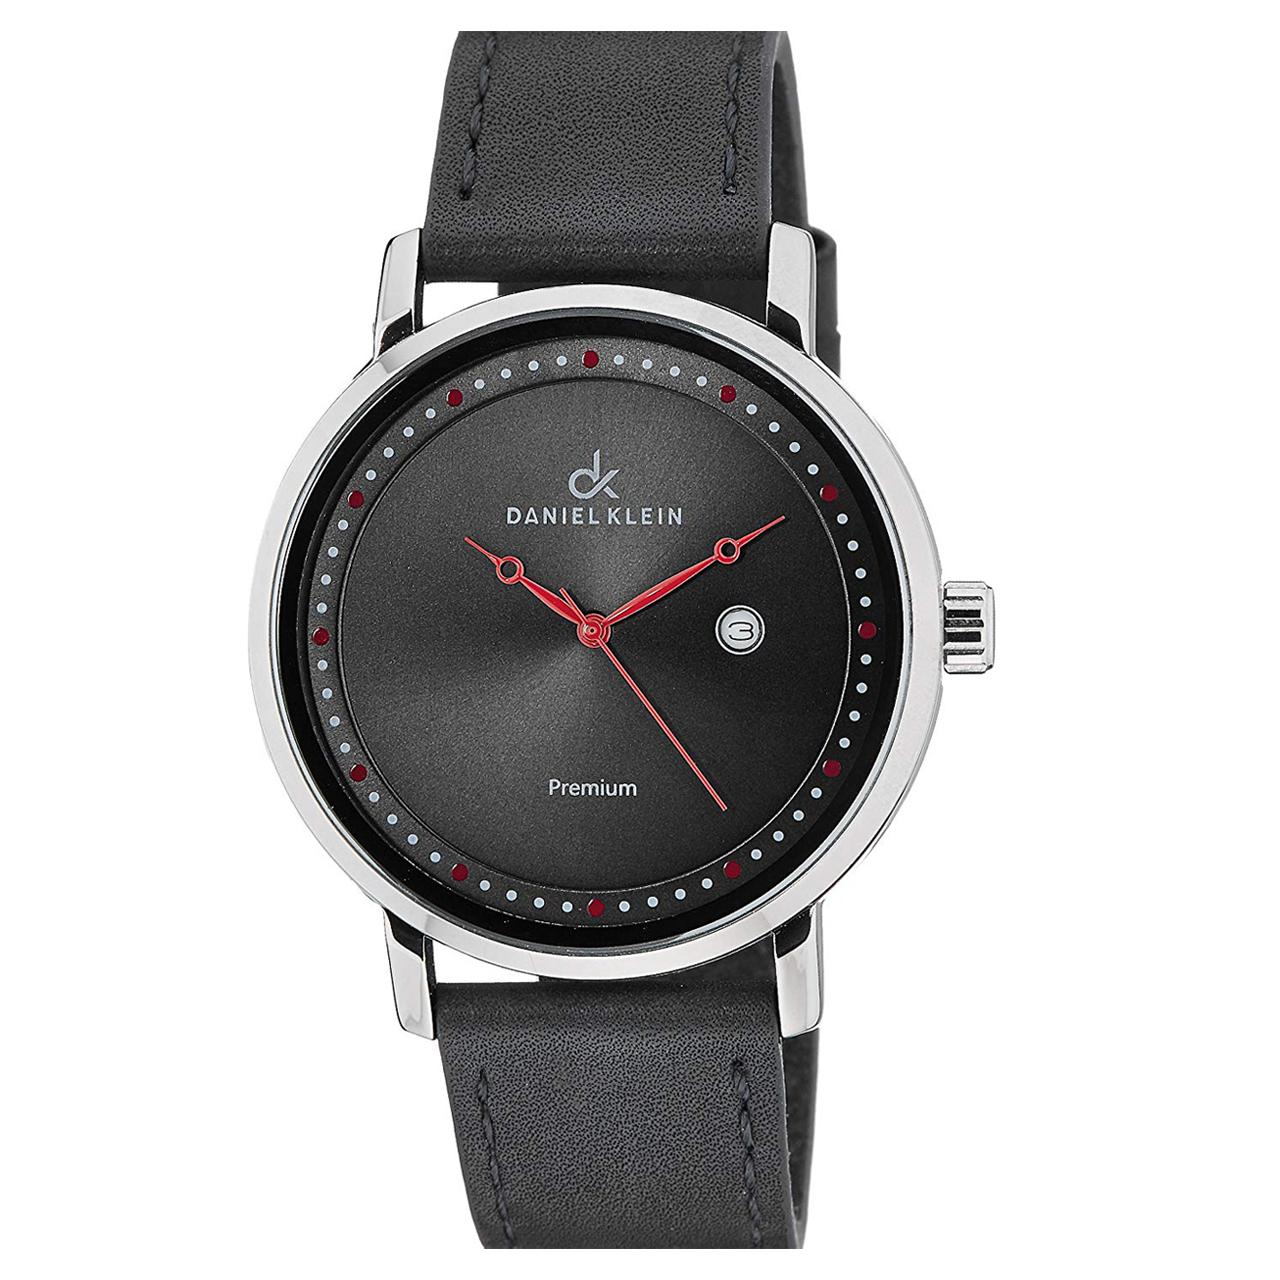 ساعت مچی عقربه ای مردانه دنیل کلین مدل Premium DK10544-2